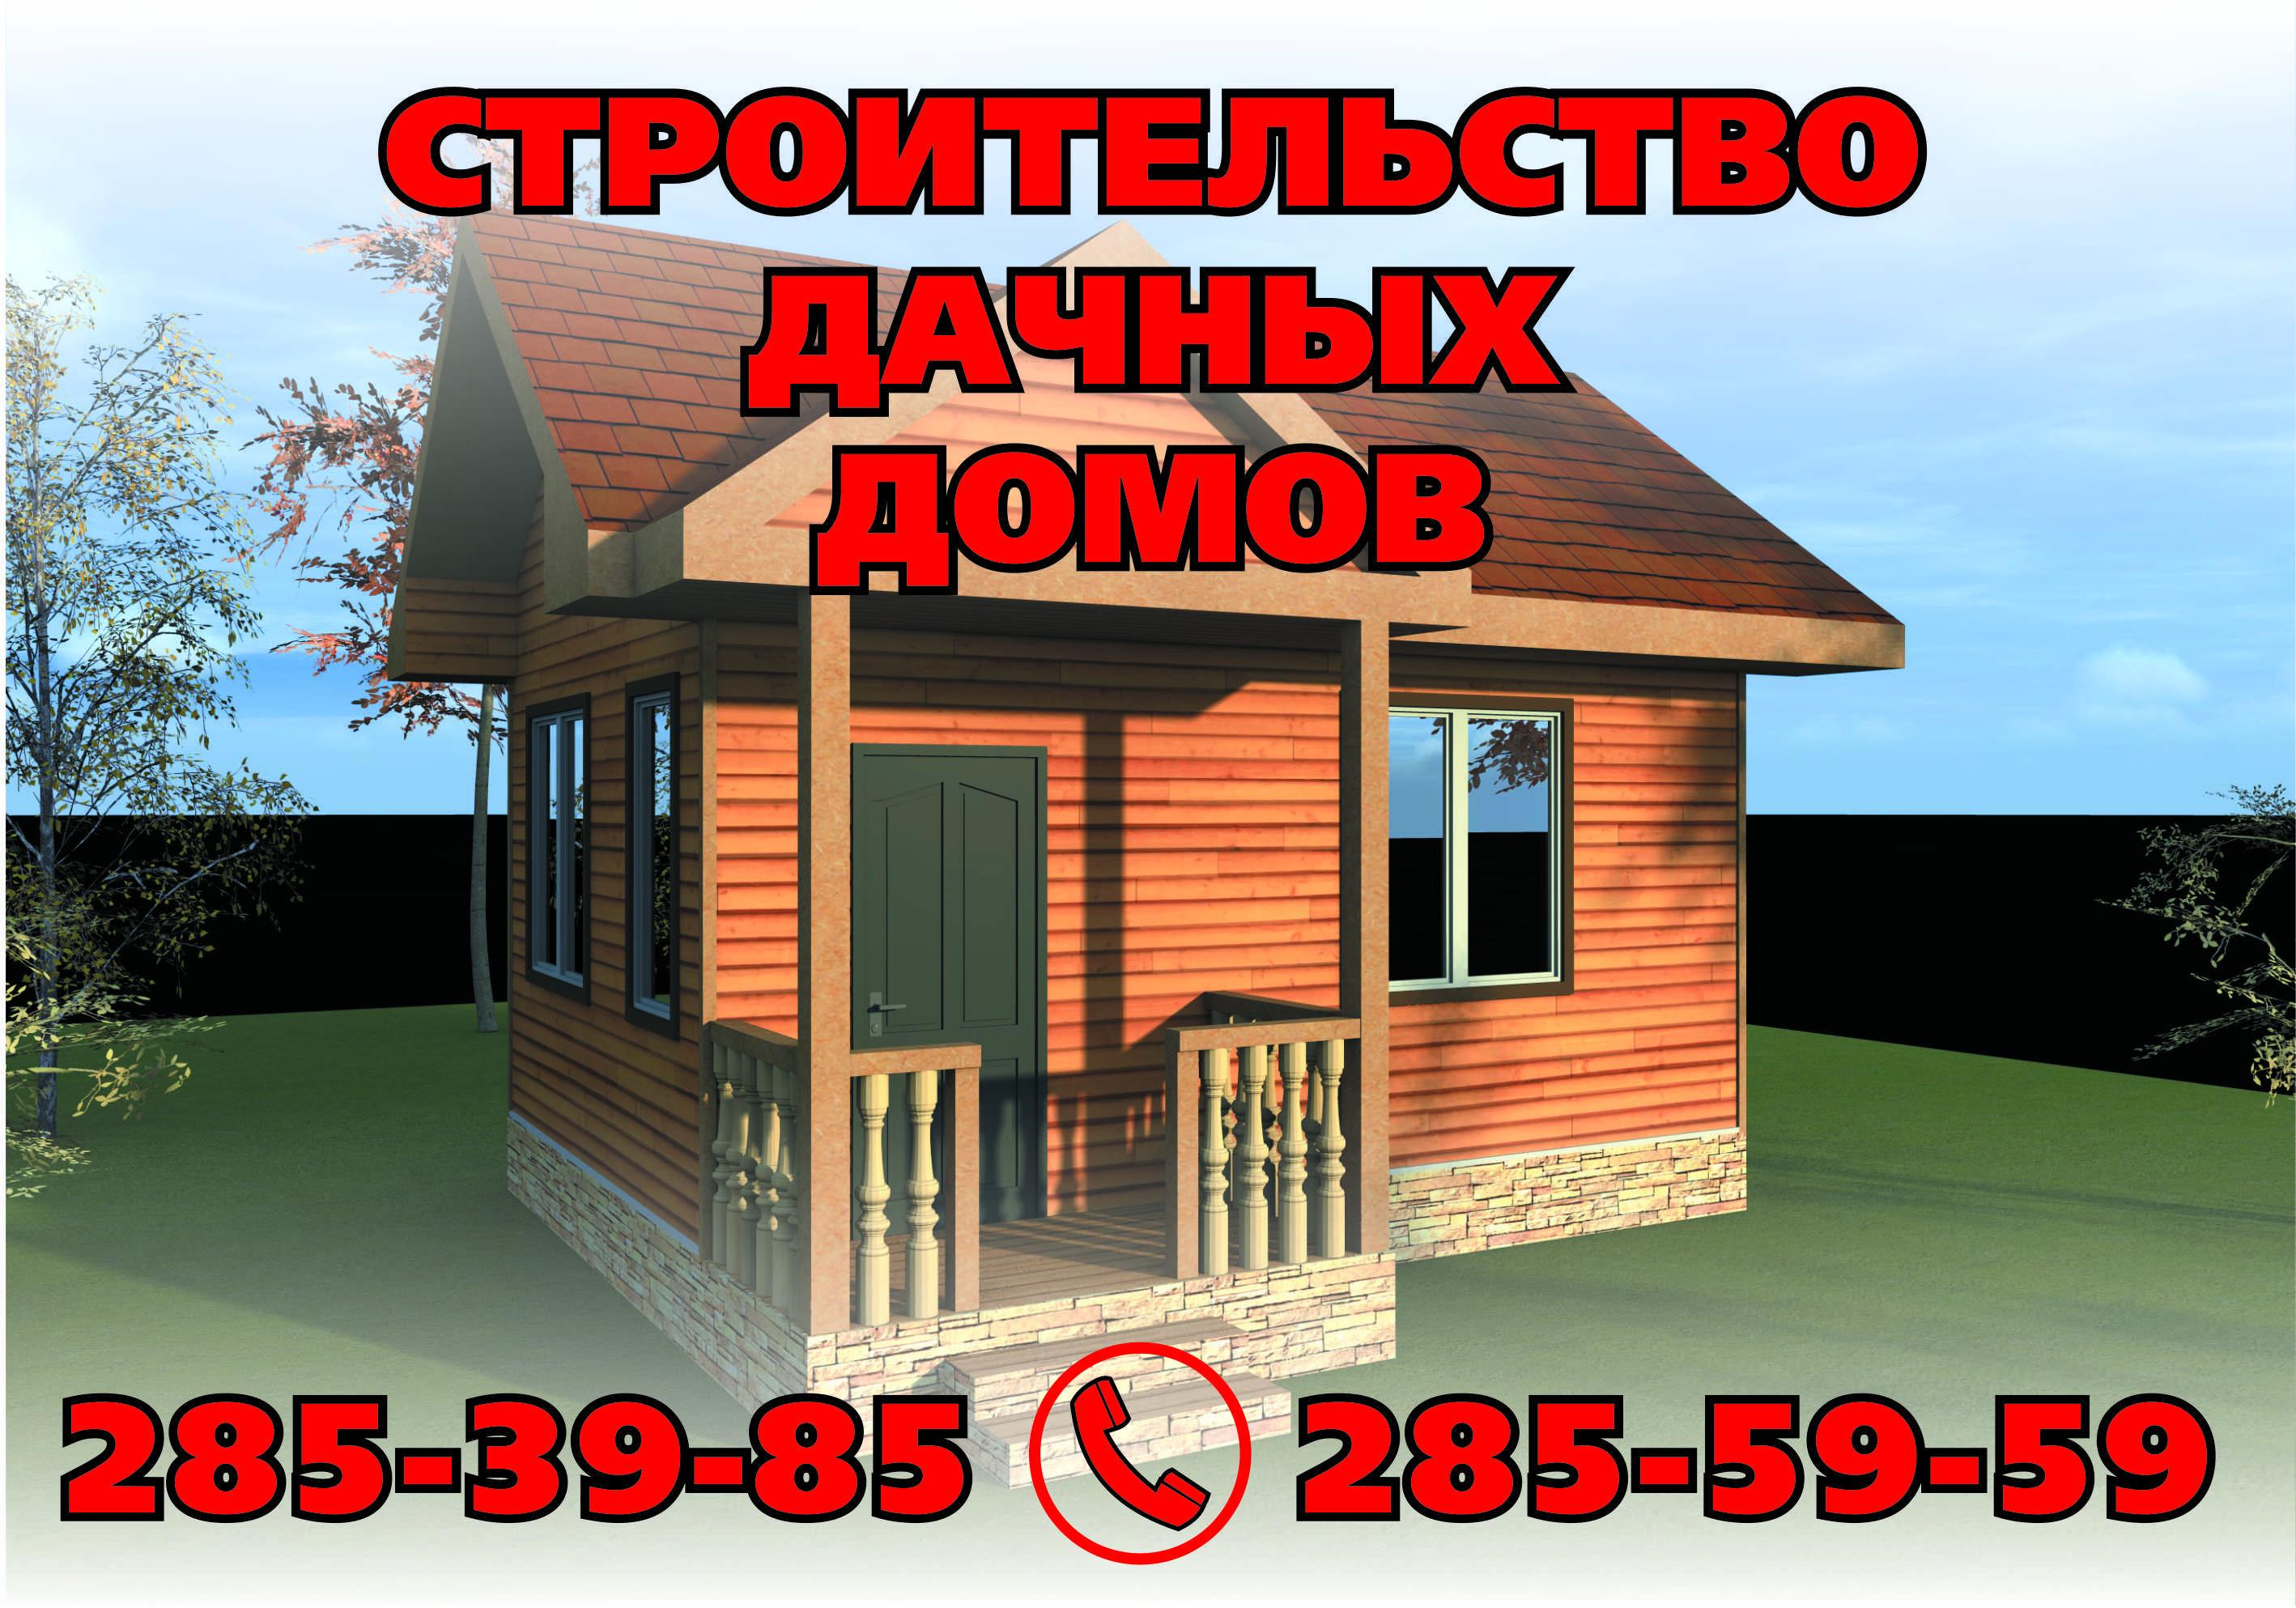 Свой дом в красноярске своими руками